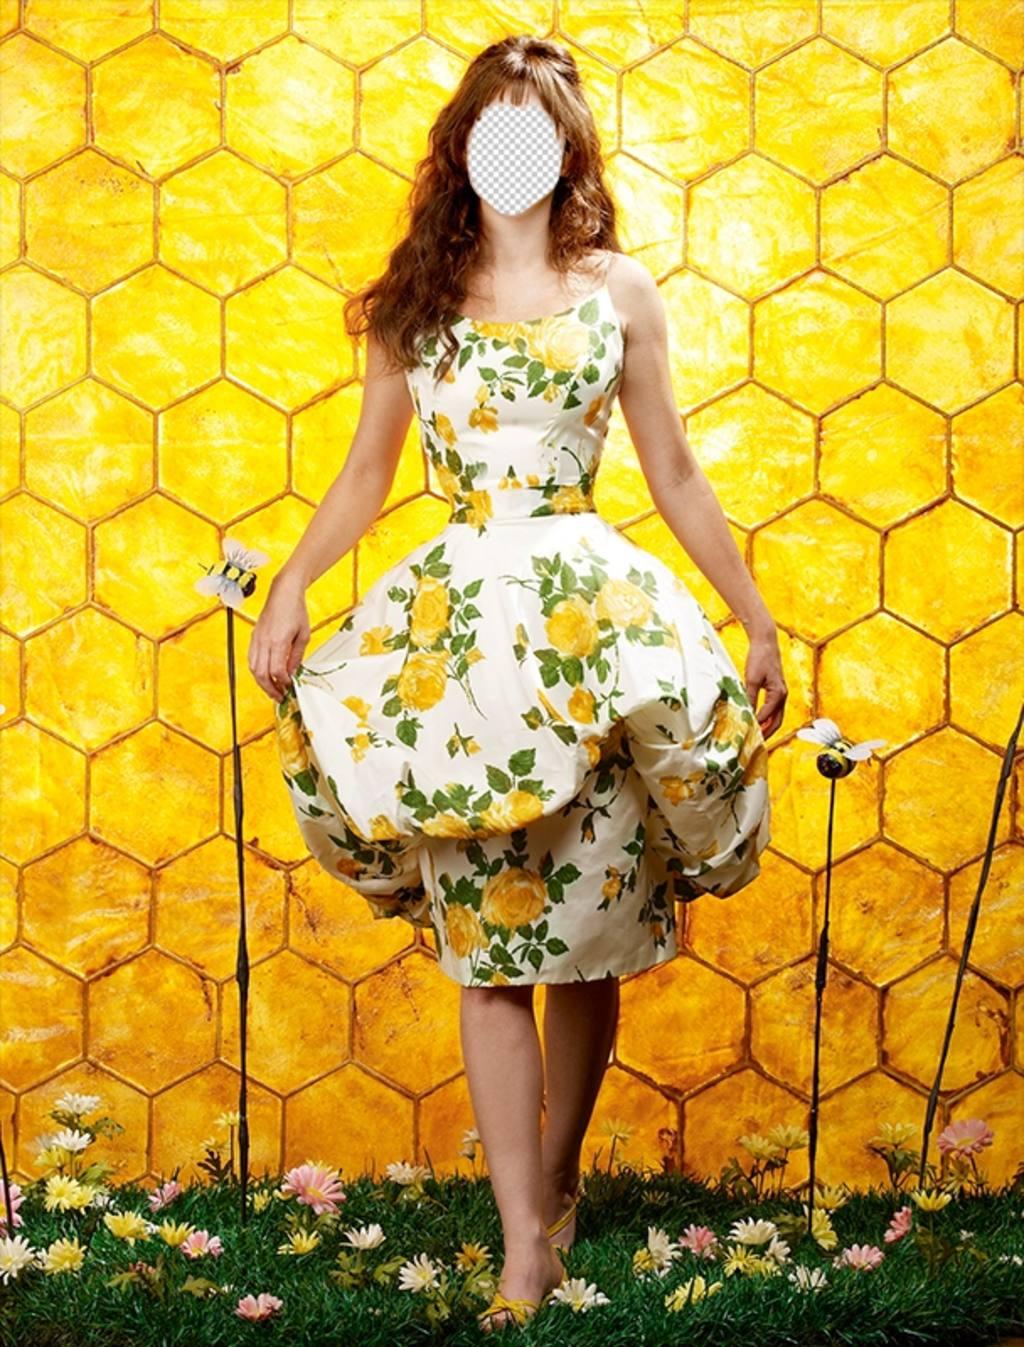 Fotomontaggio di una ragazza in posa con uno sfondo